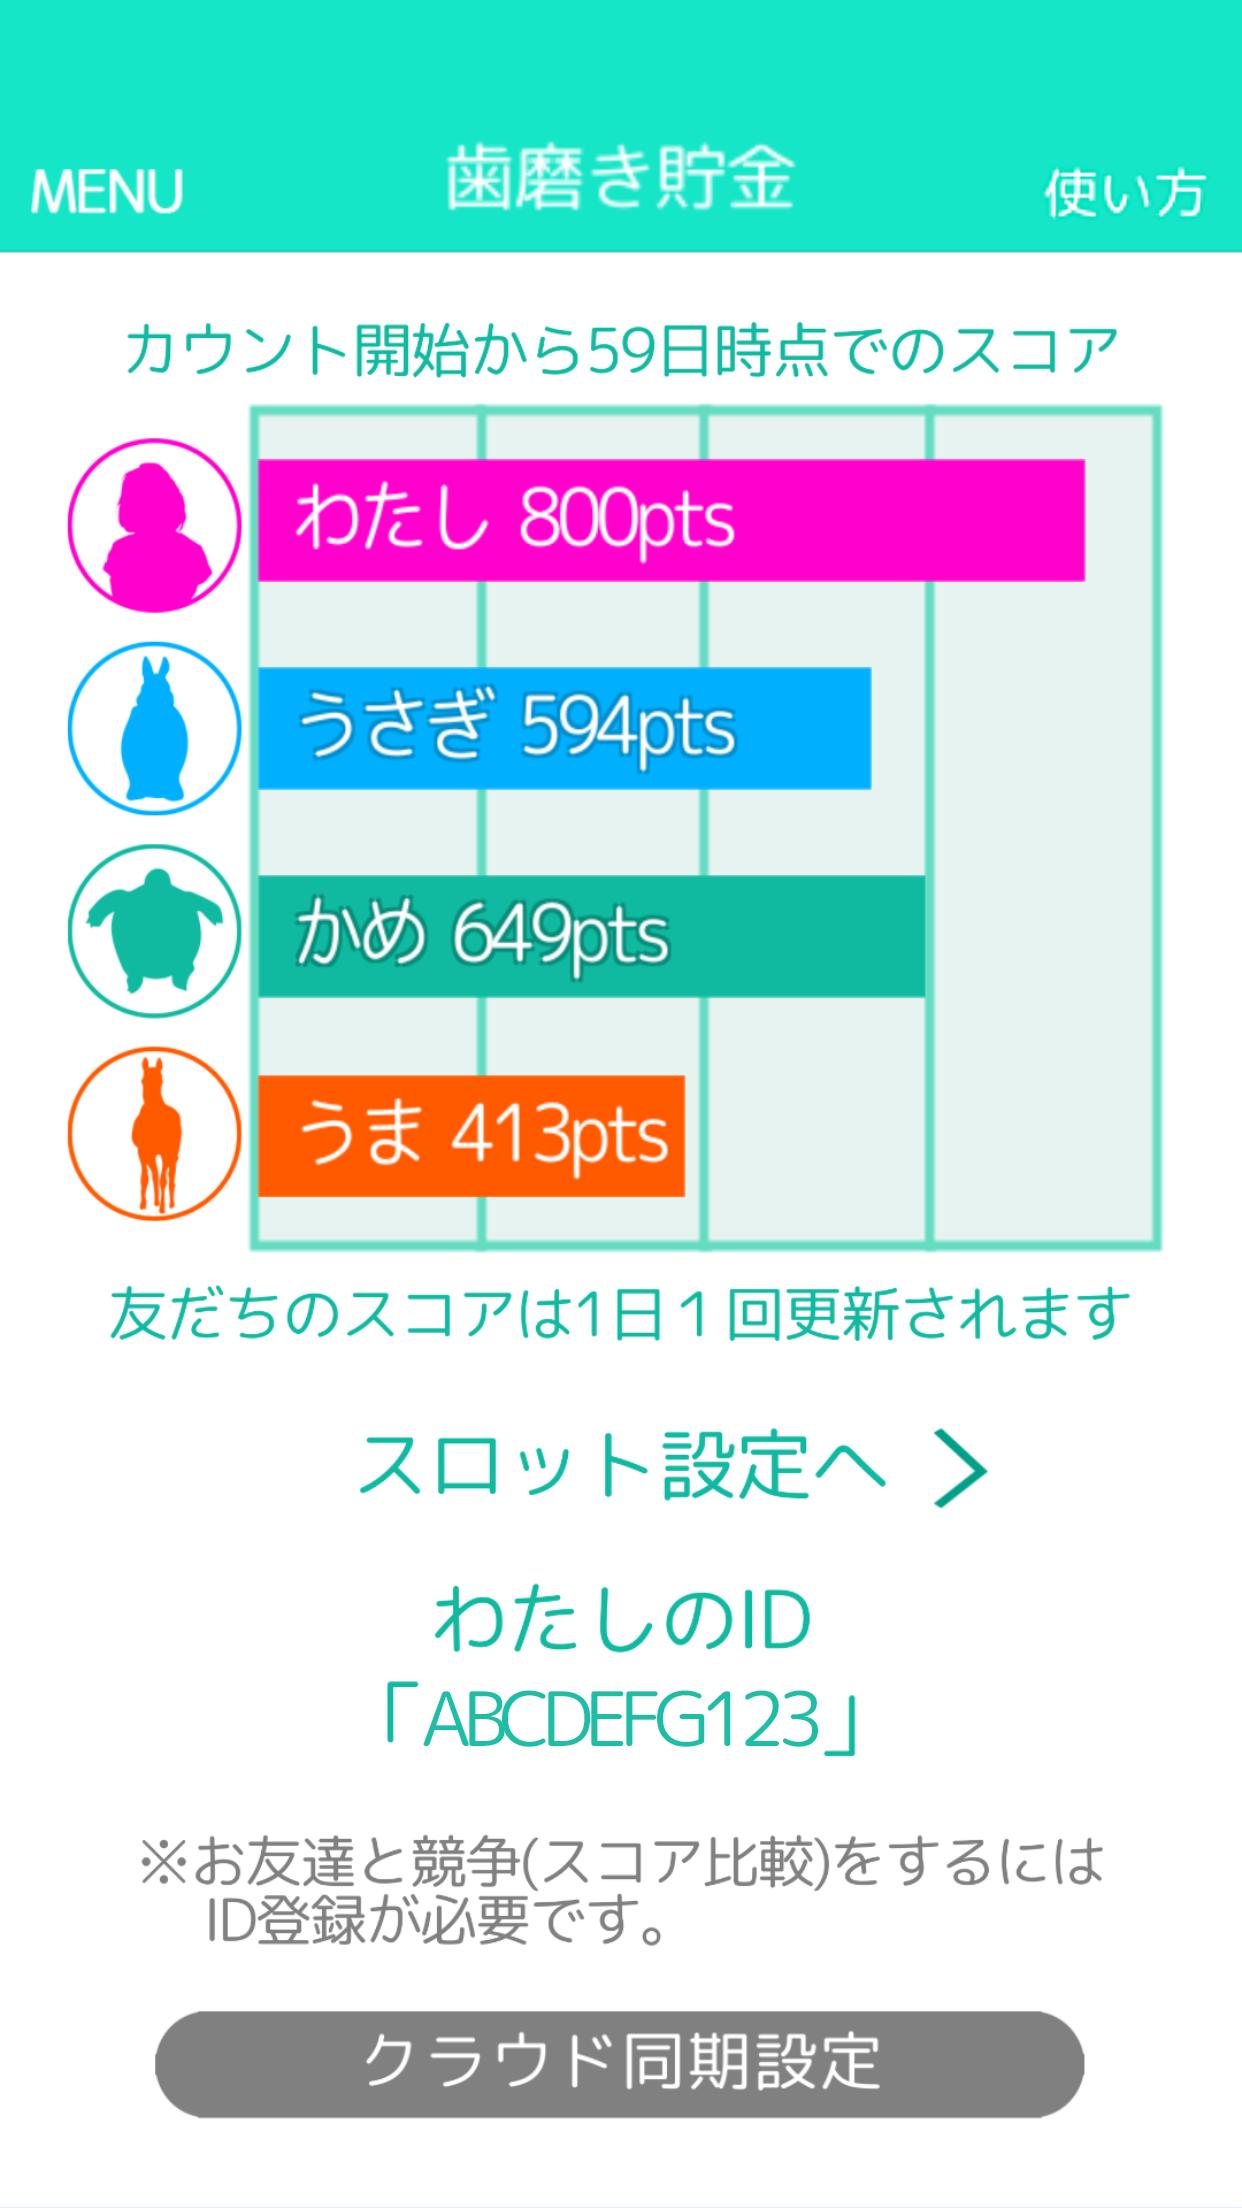 歯磨きアプリ/歯磨き貯金4